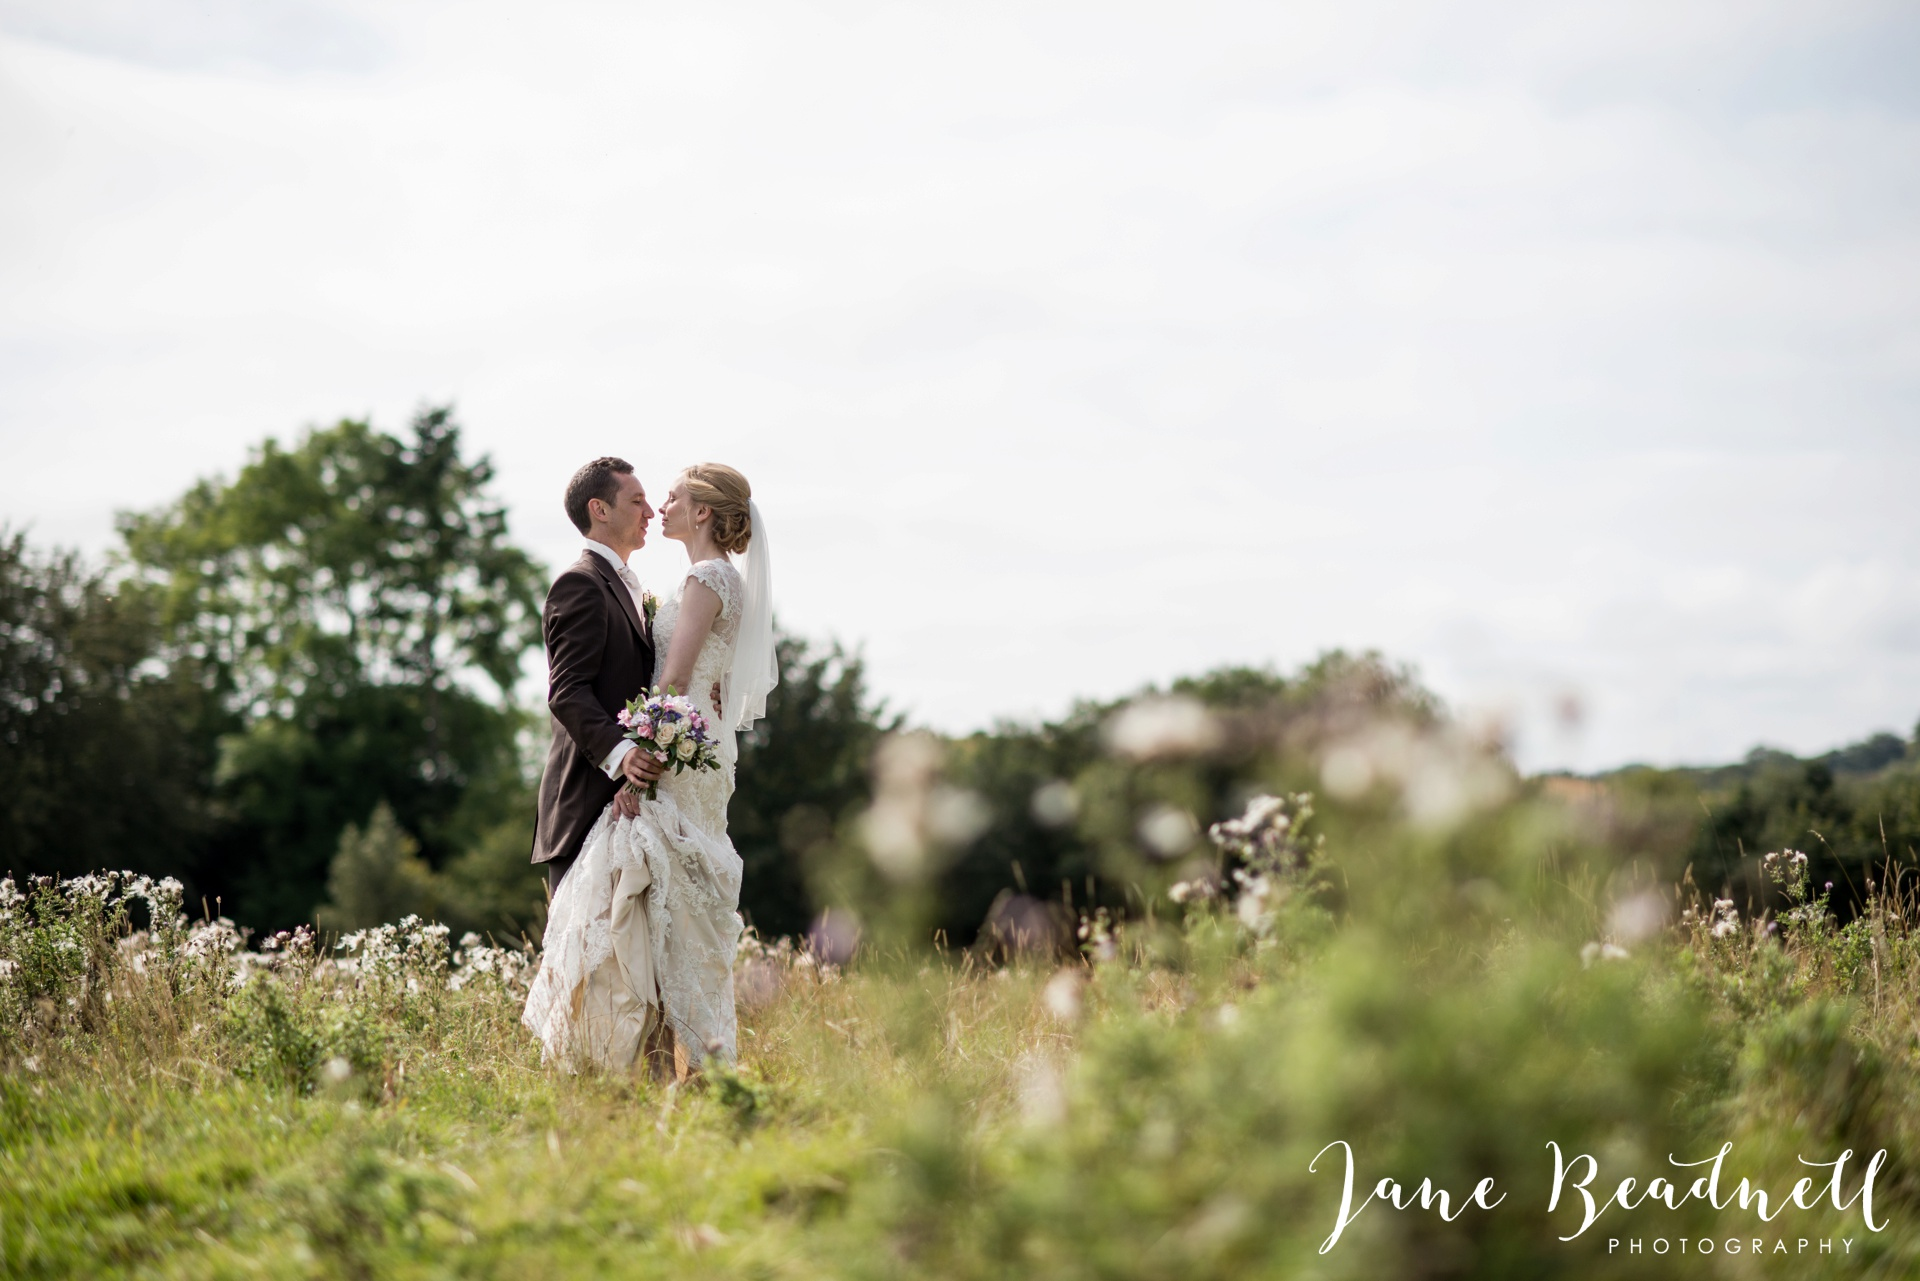 creative wedding photographer Leeds Jane Beadnell wedding photographer_0001